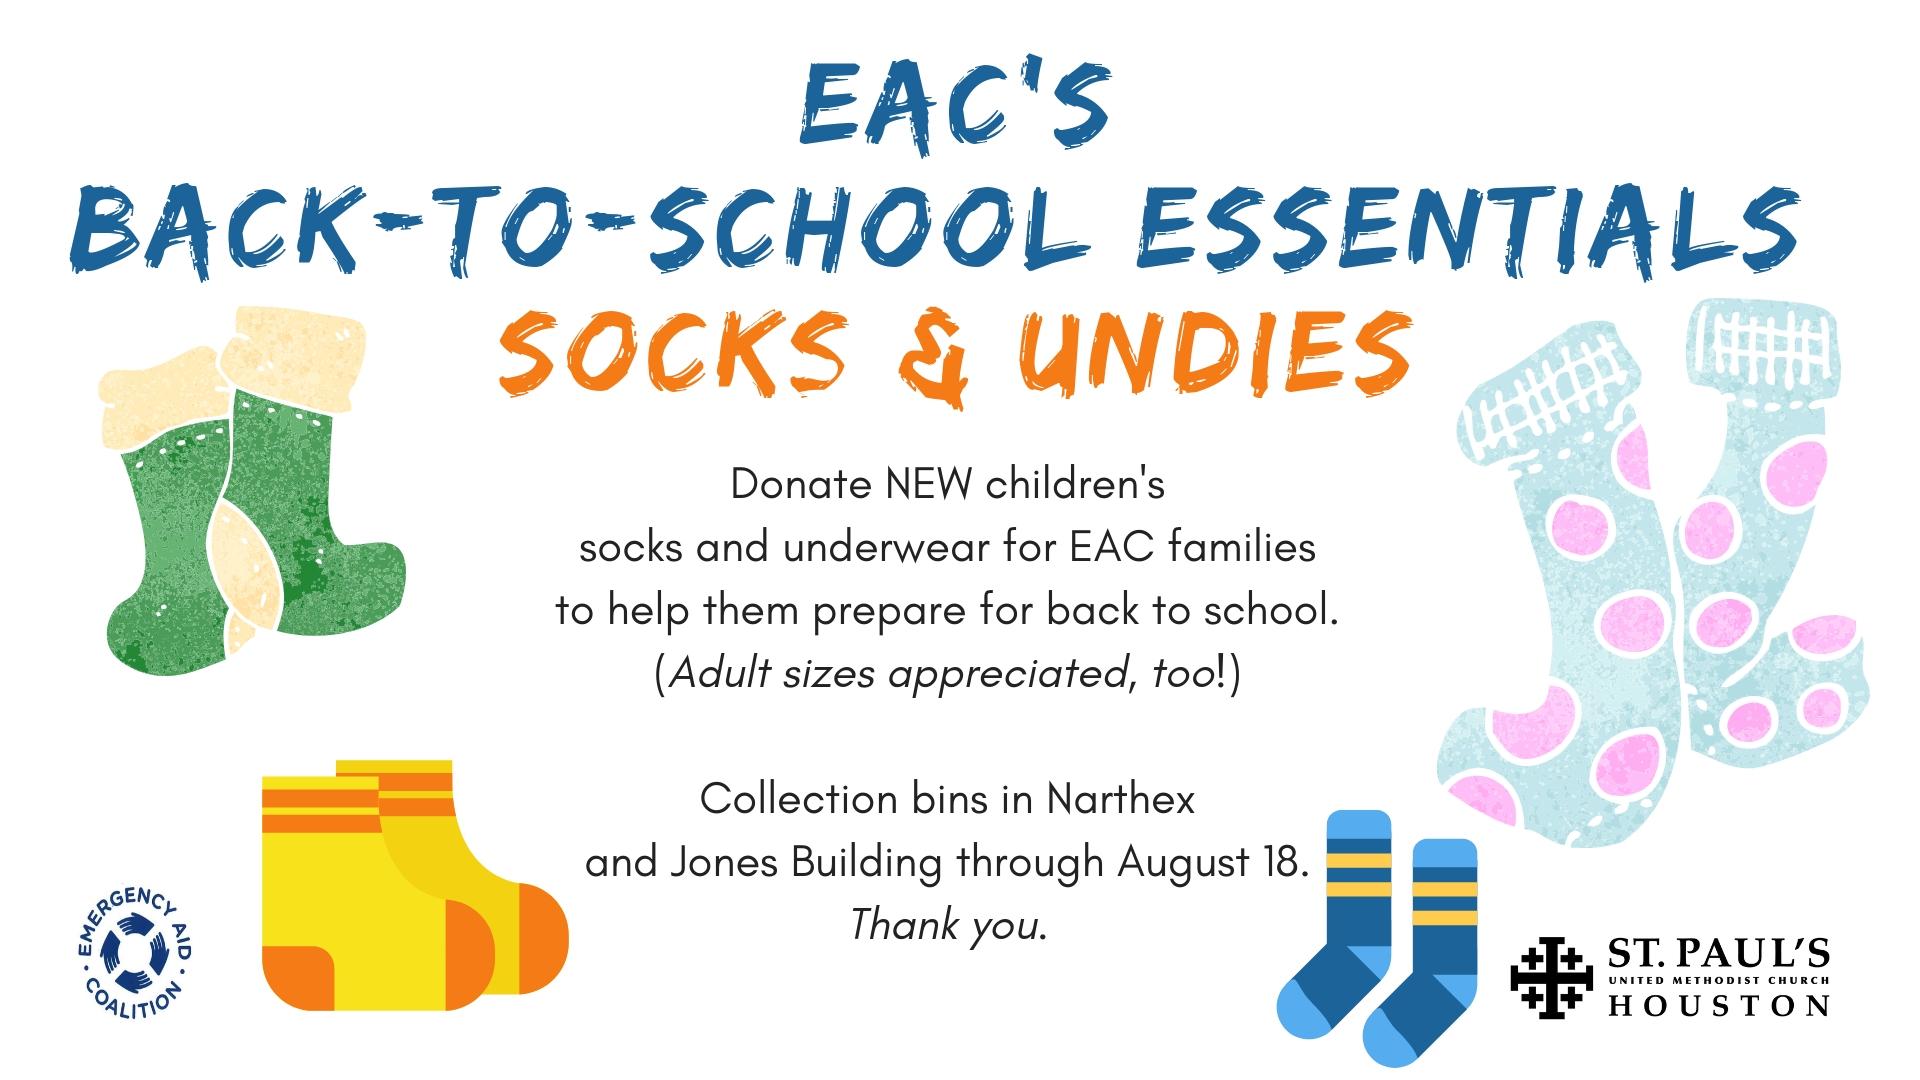 16x9 EAC Socks & Undies 2019 - revised 08-06-19.jpg